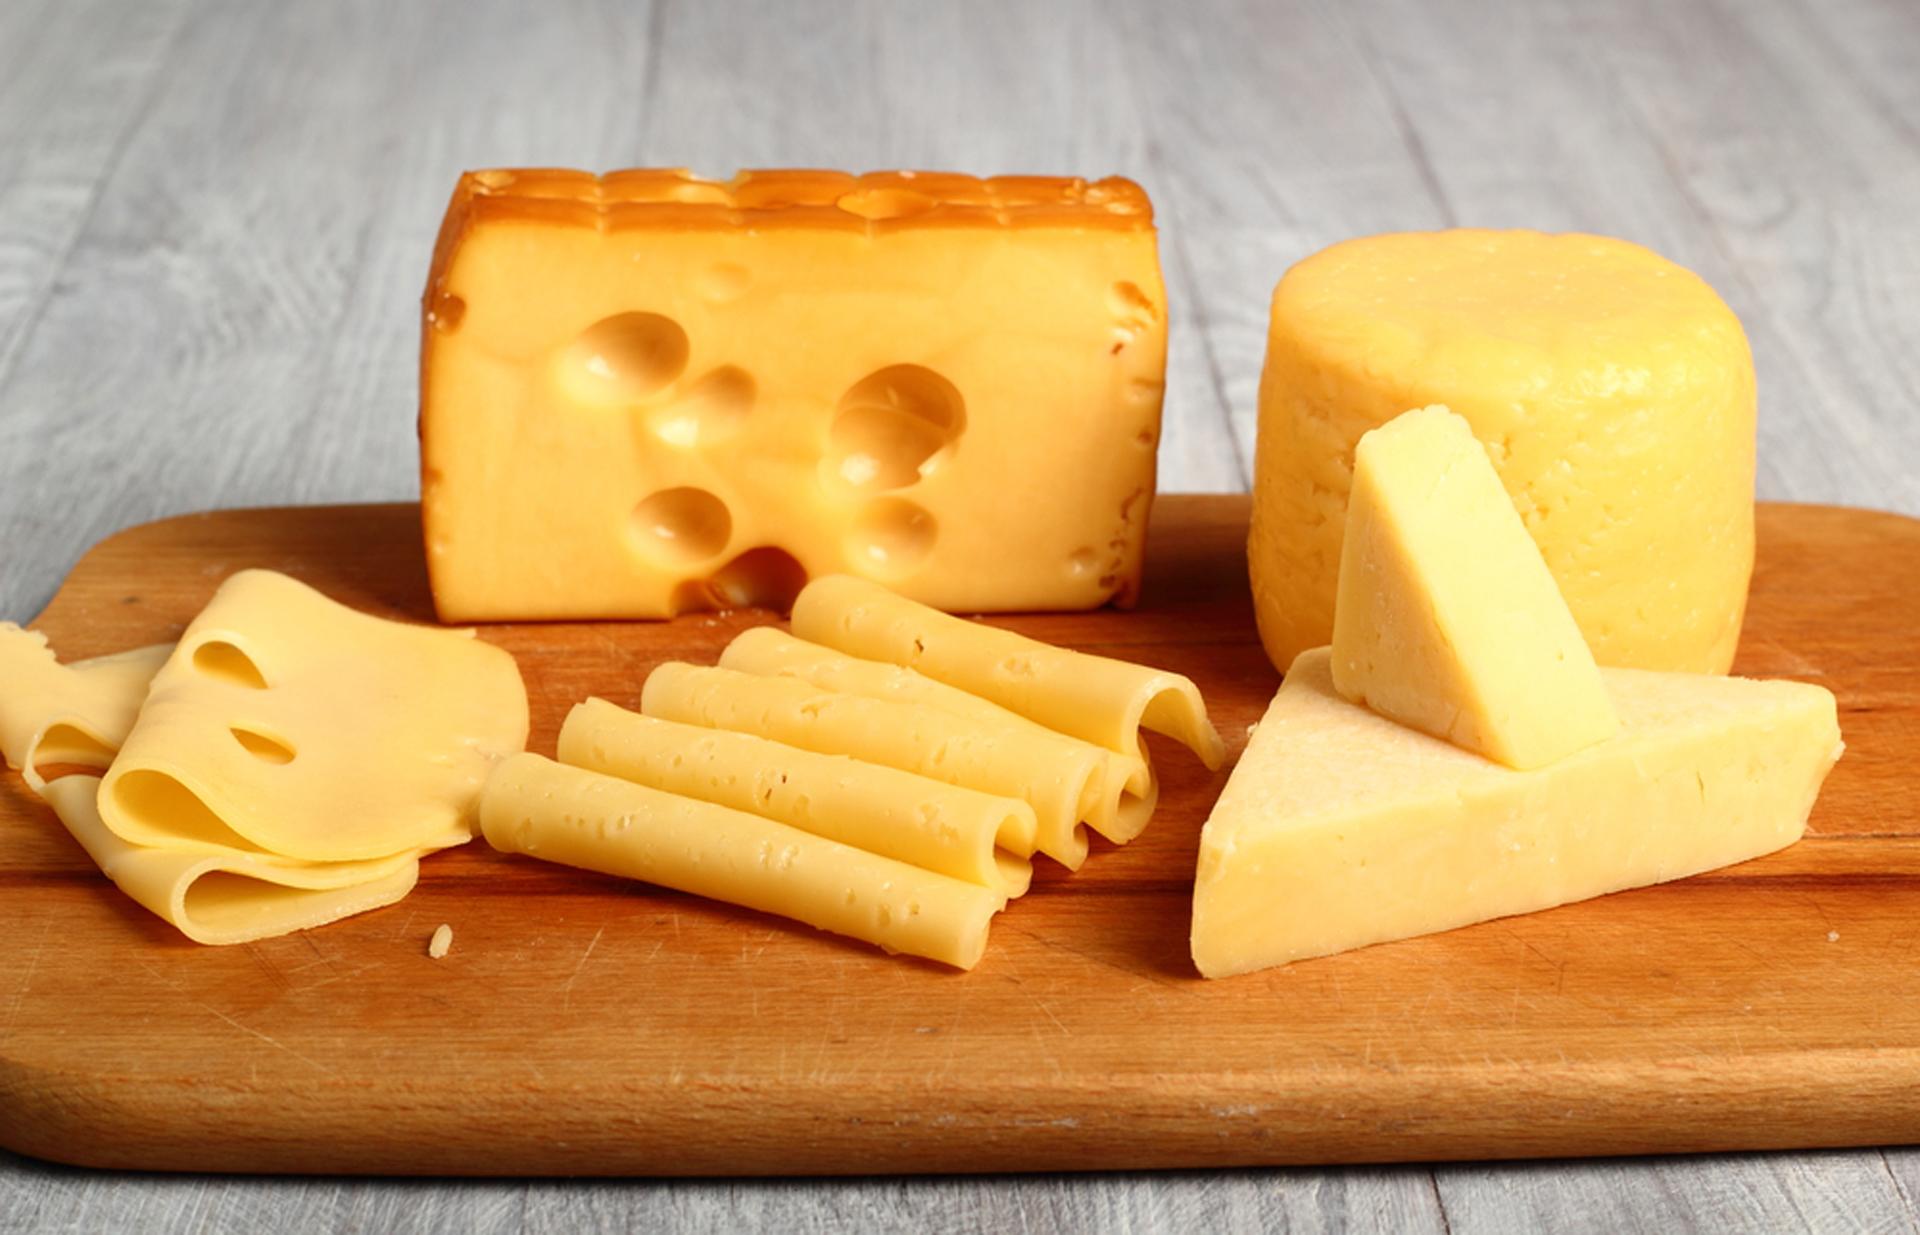 Alimentos como la leche o los quesos tienen sodio de manera natural